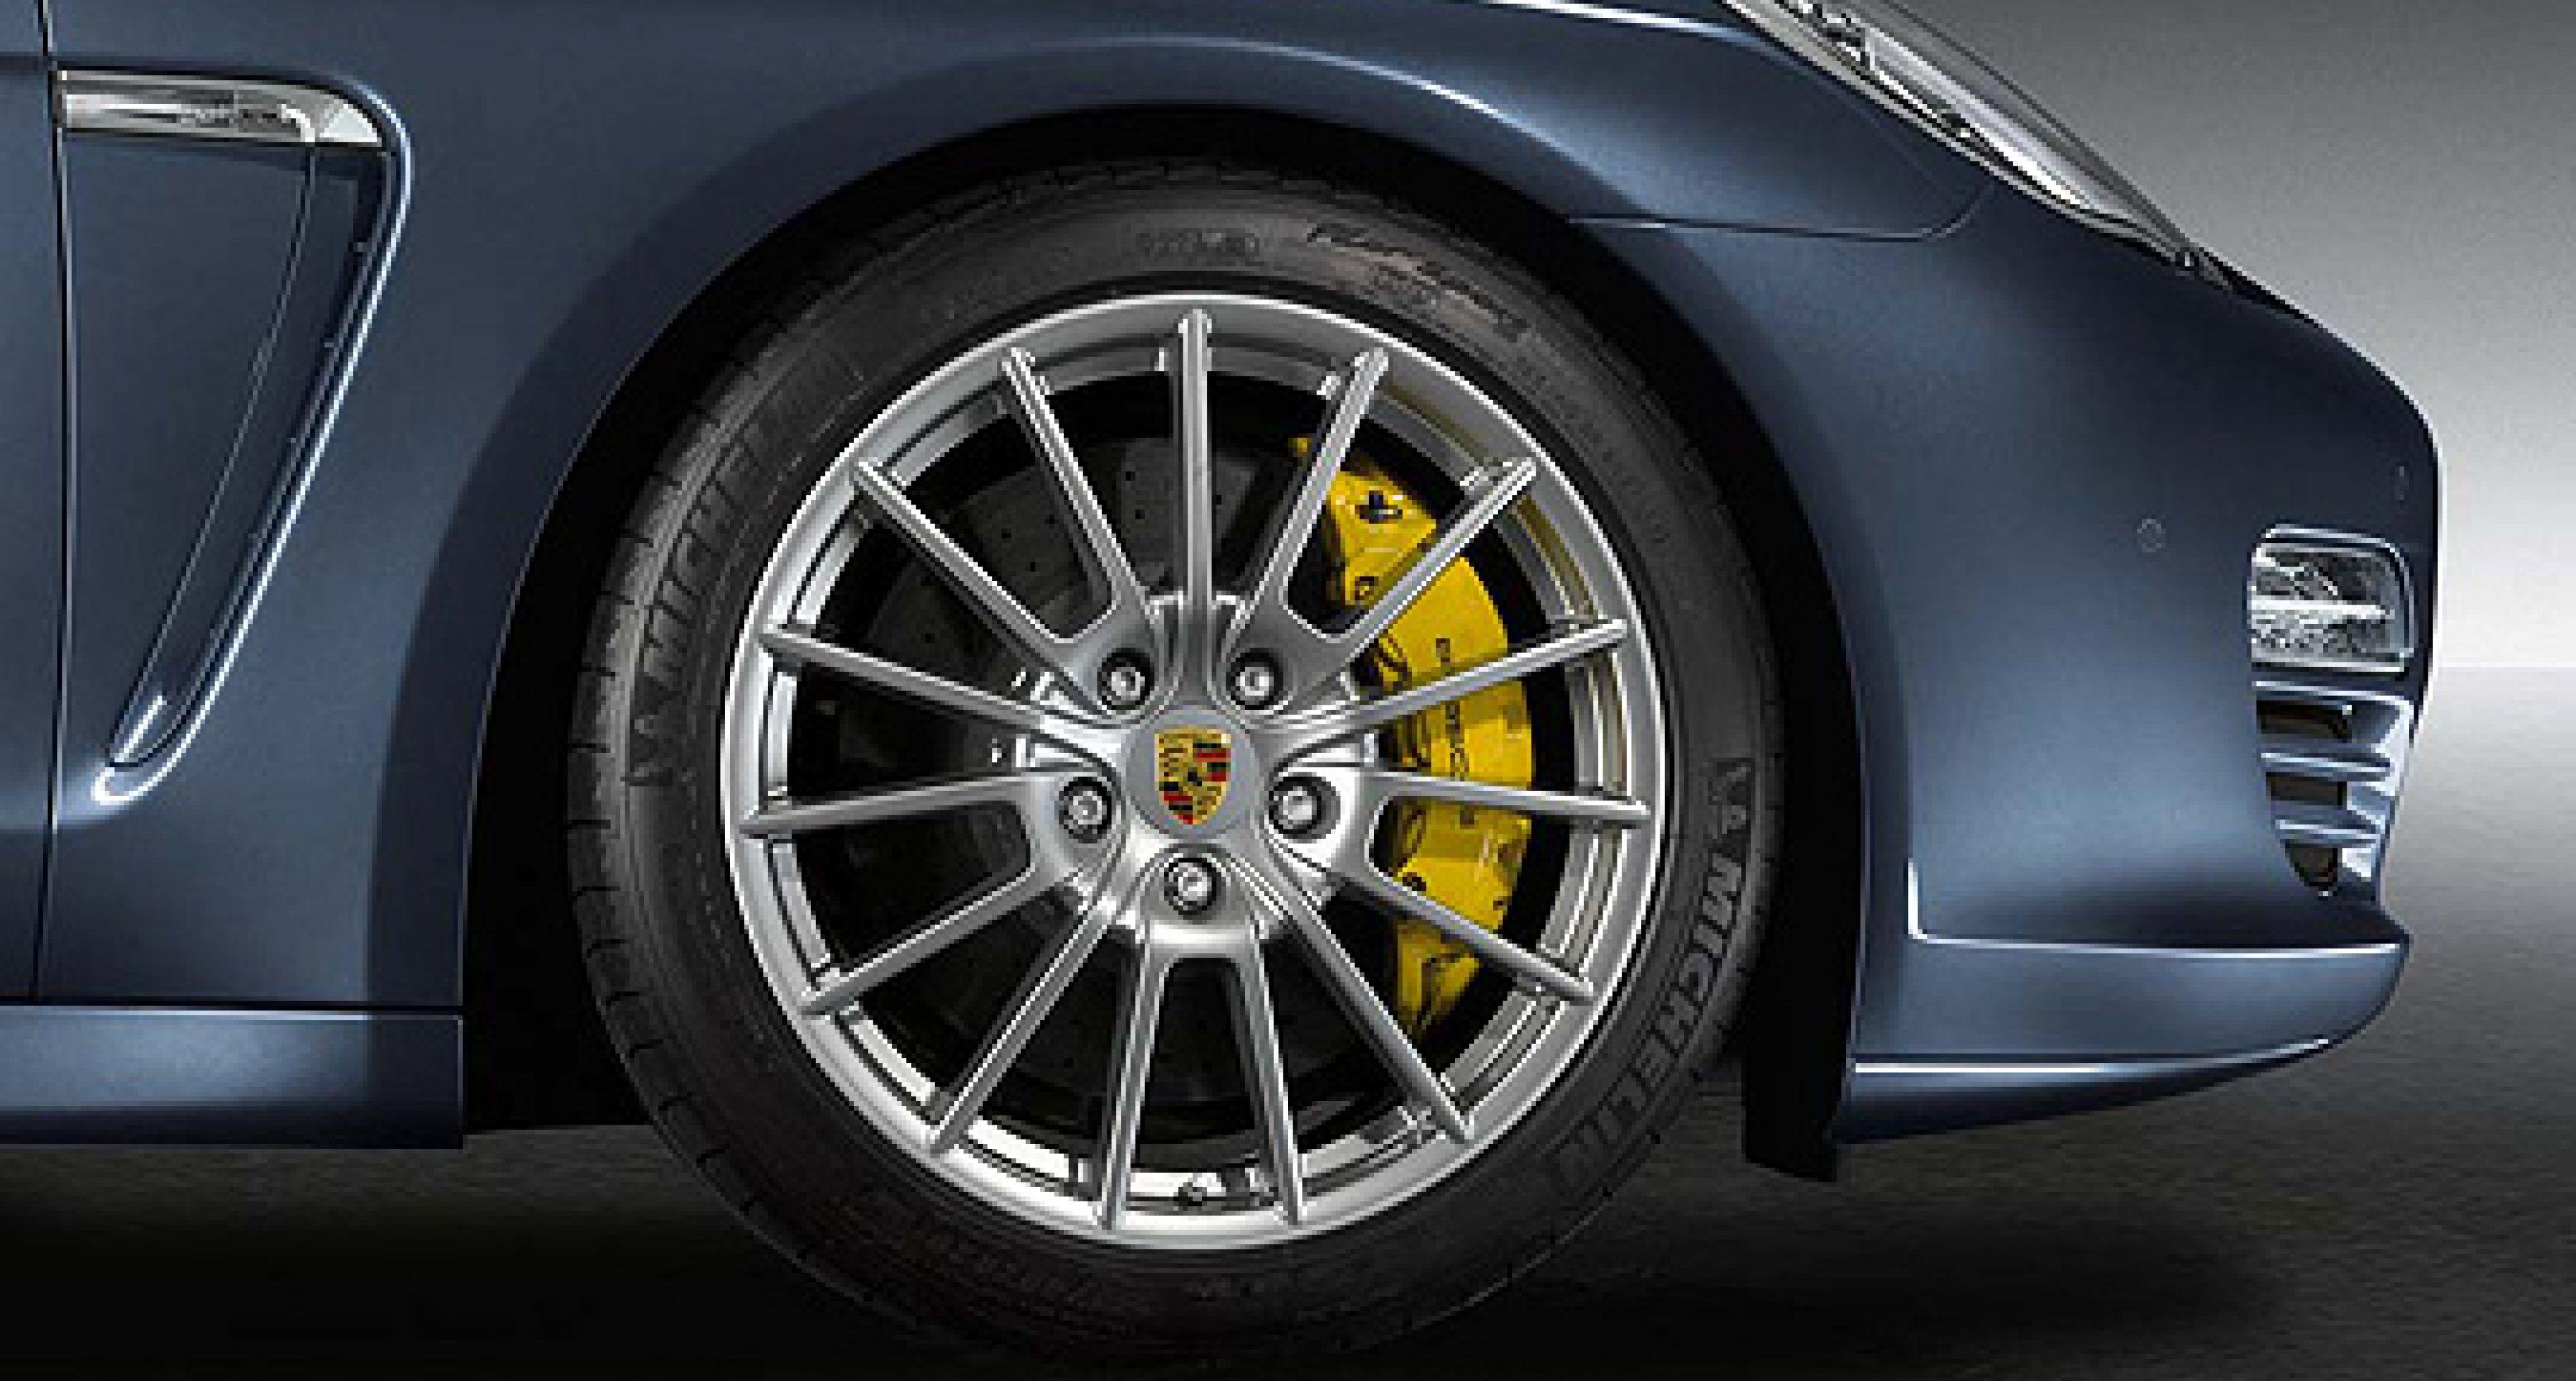 Leistungs-Plus: Porsche Panamera Turbo mit 540 PS